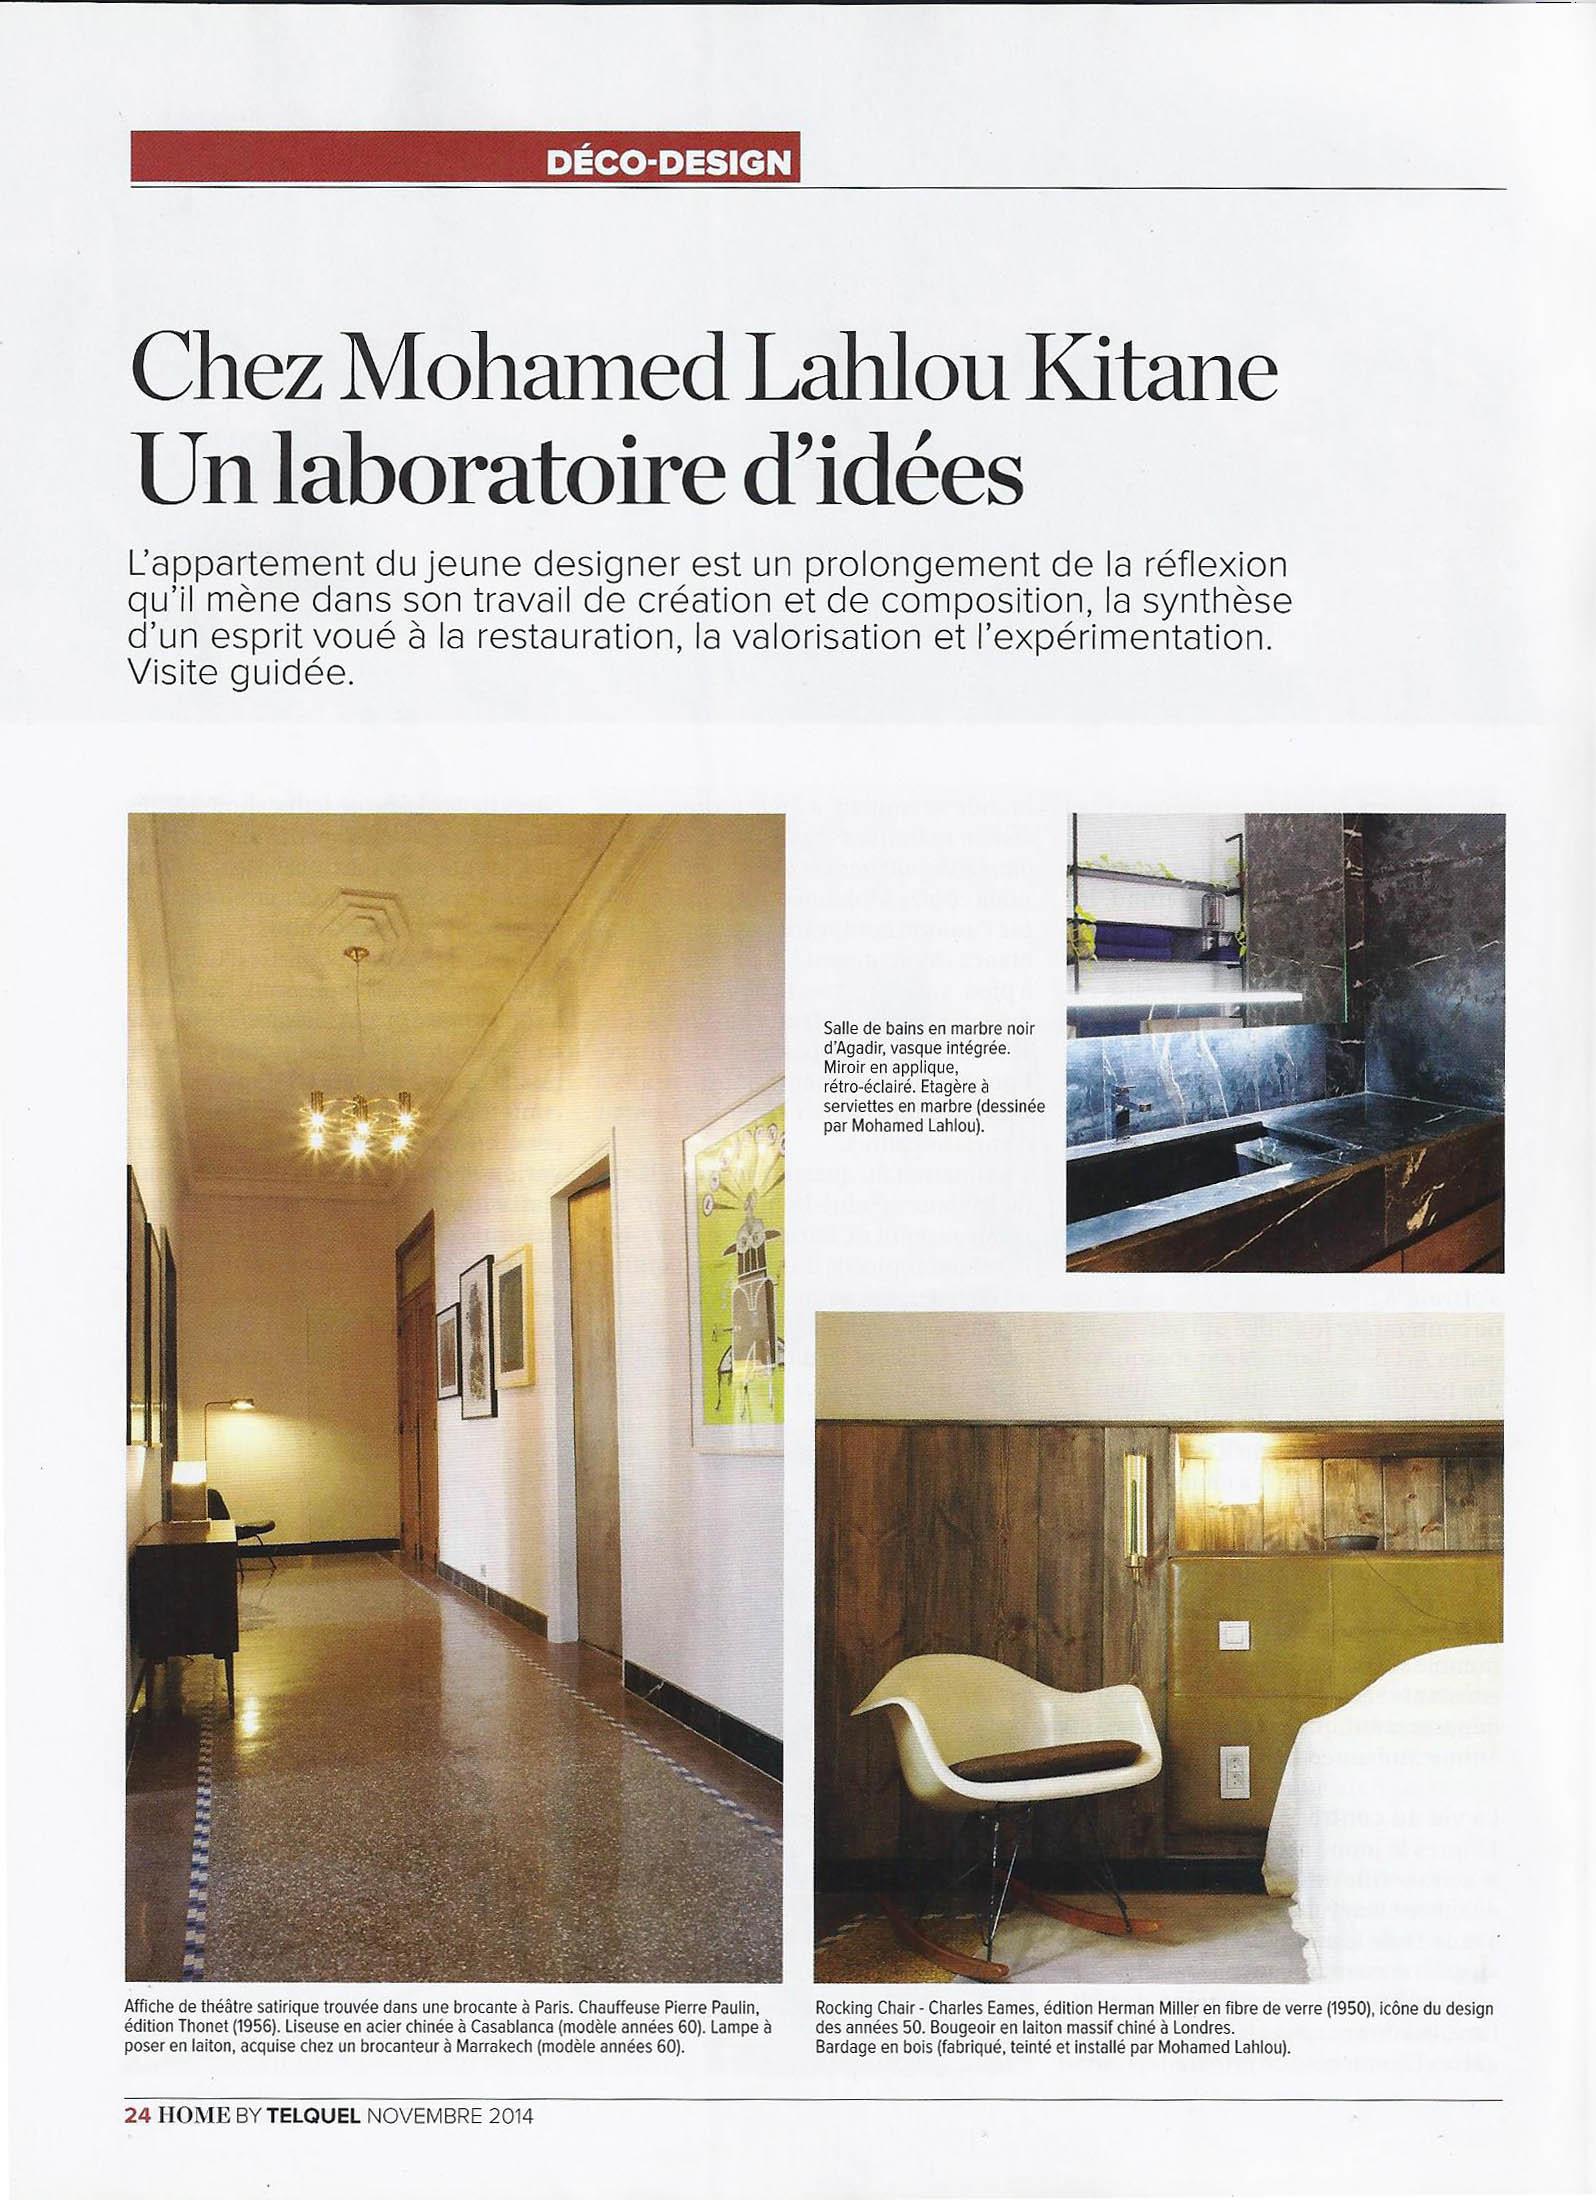 Idée Déco Appartement Jeune presse — mohamed lahlou kitane / mlk / architecture et design